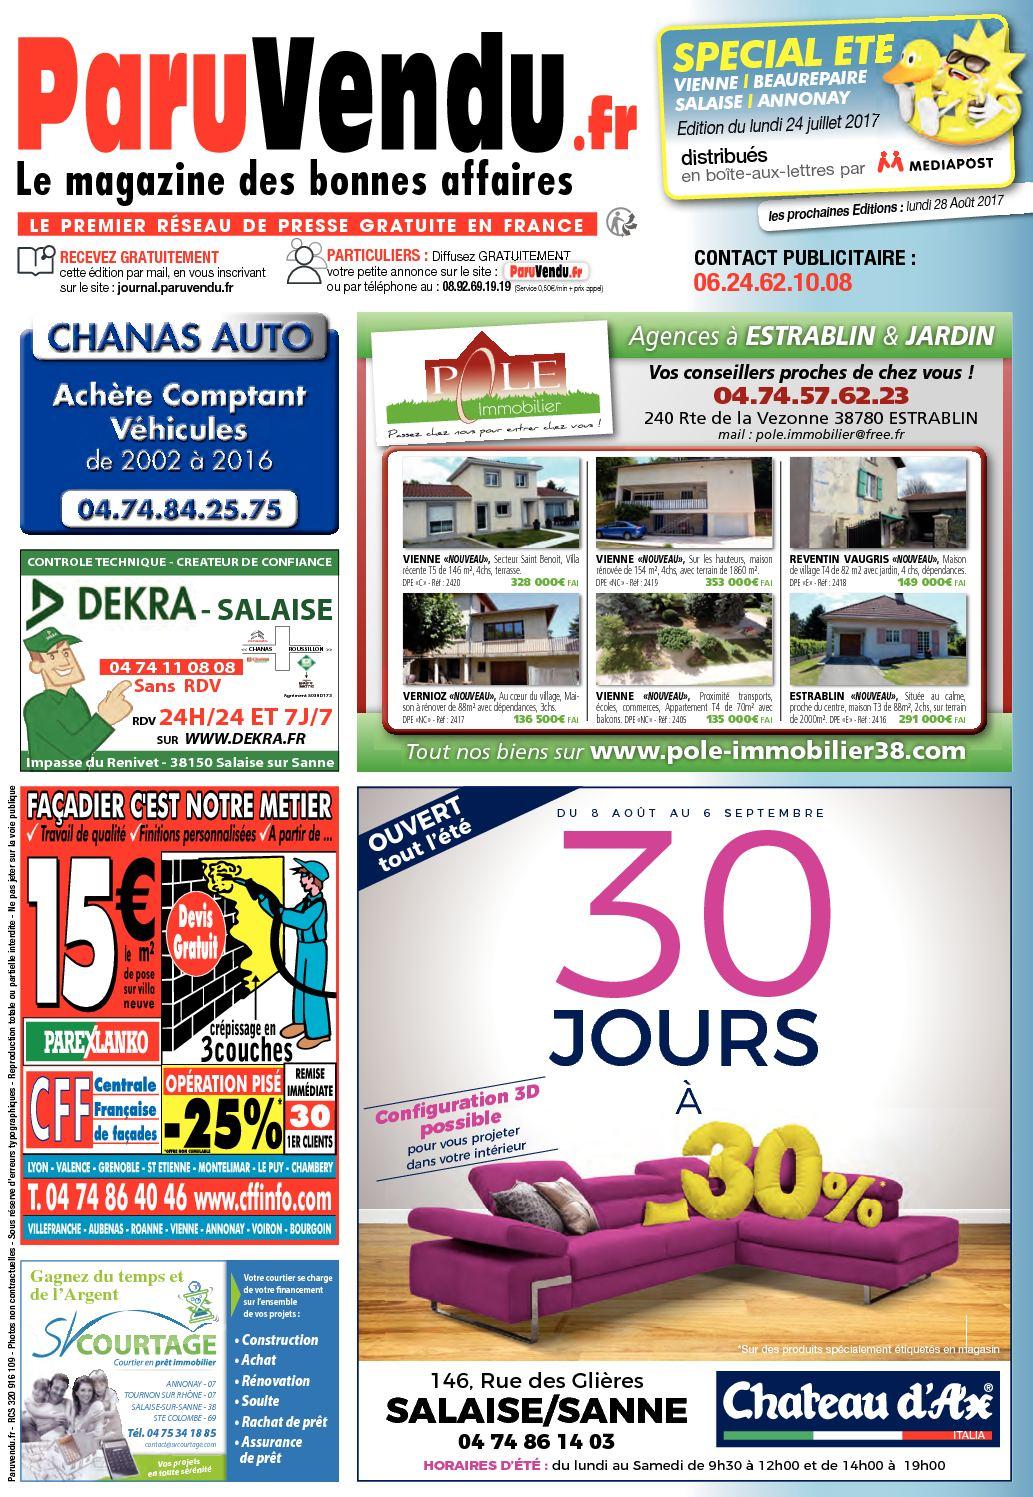 SnapSexe à l'hotel Euzet (30360) - Gard